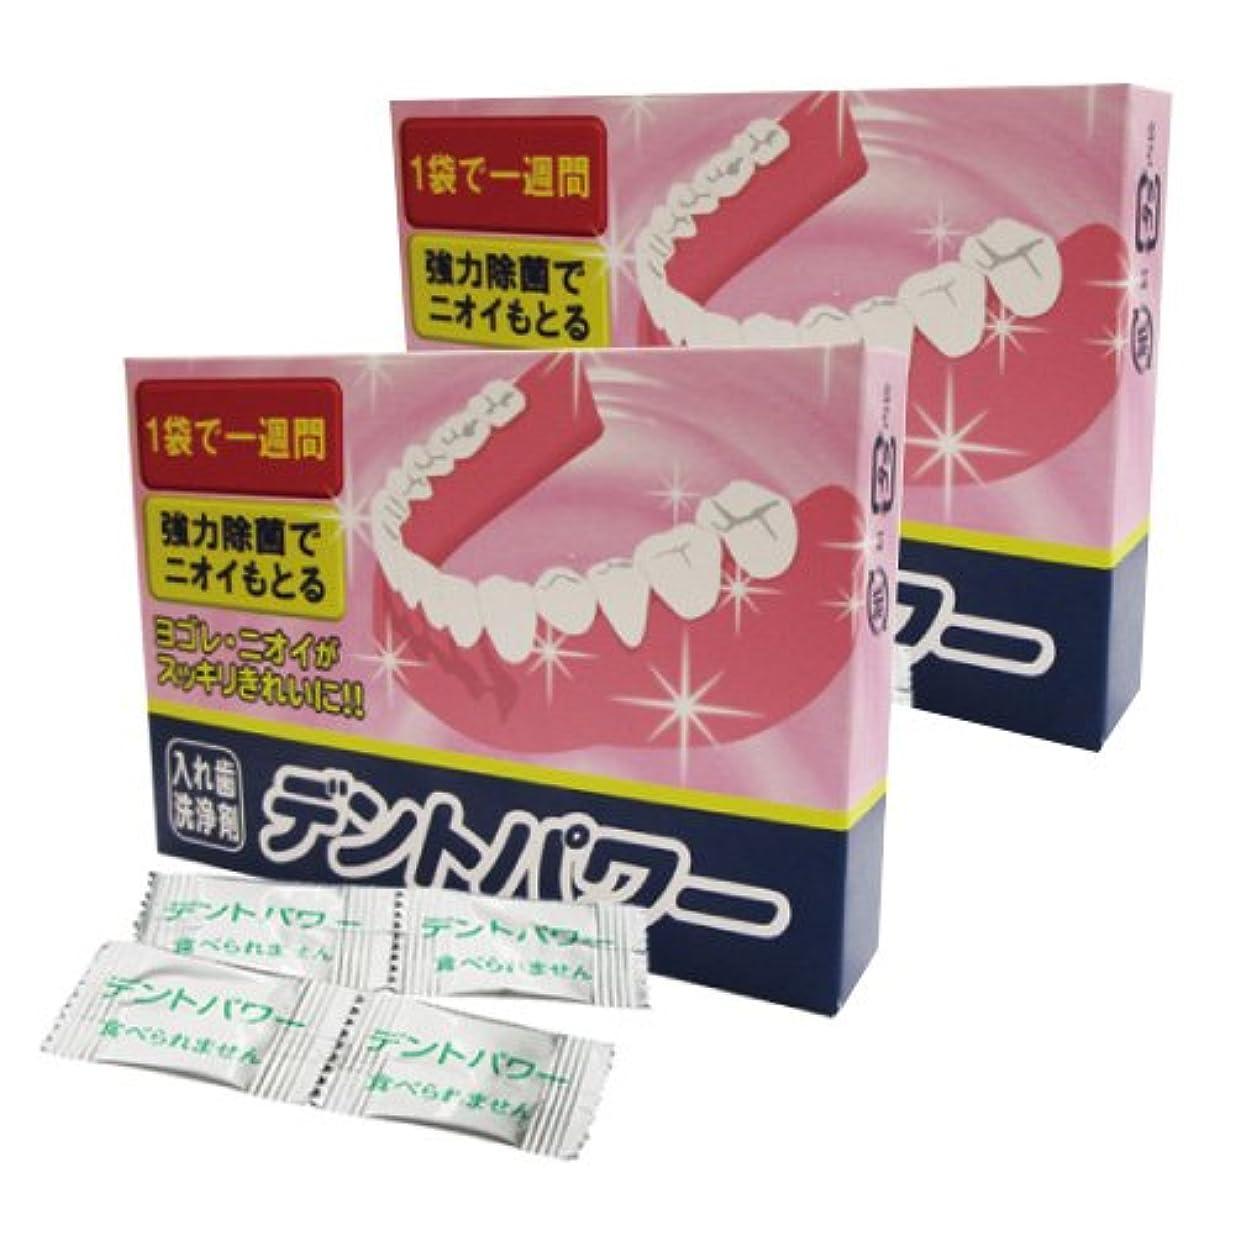 無駄現金渦デントパワー 入れ歯洗浄剤 5ヵ月用x2個セット